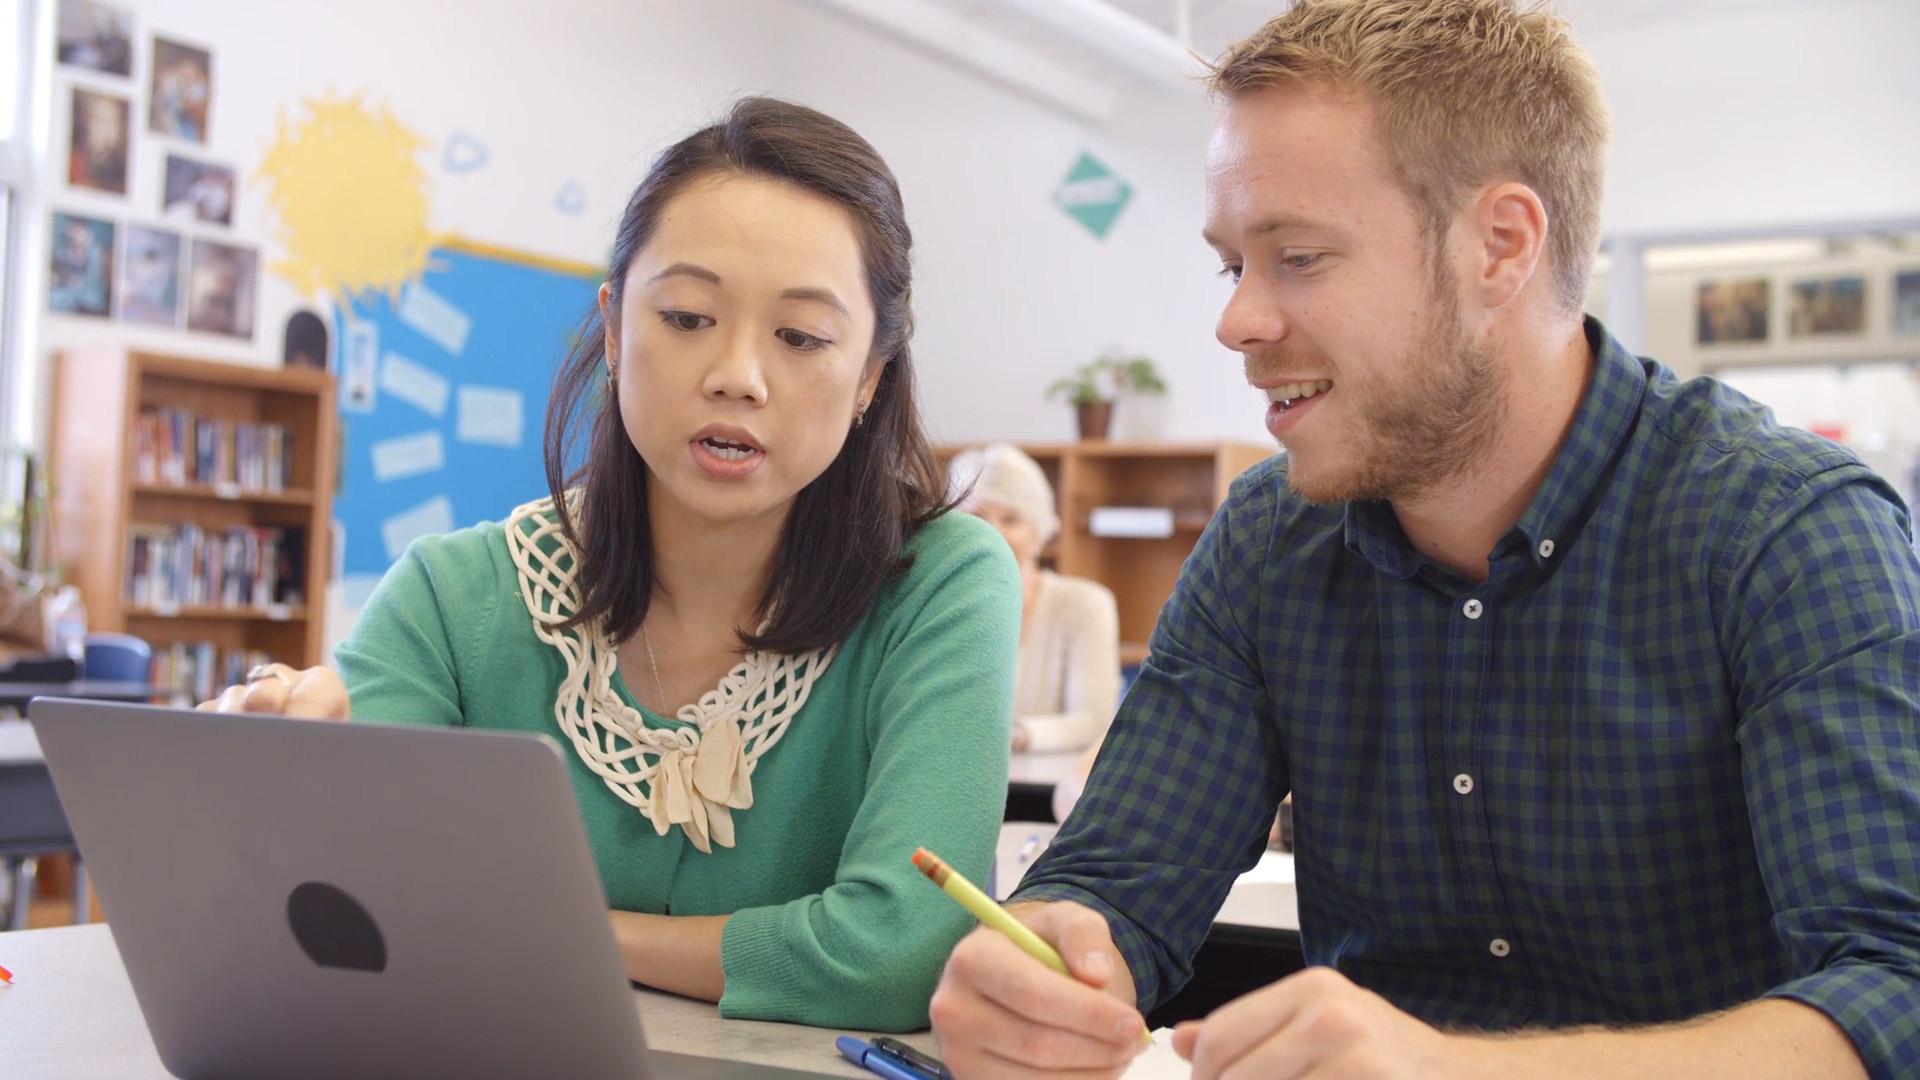 Cerveau et apprentissage : les compliments sont-ils contre-productifs ?